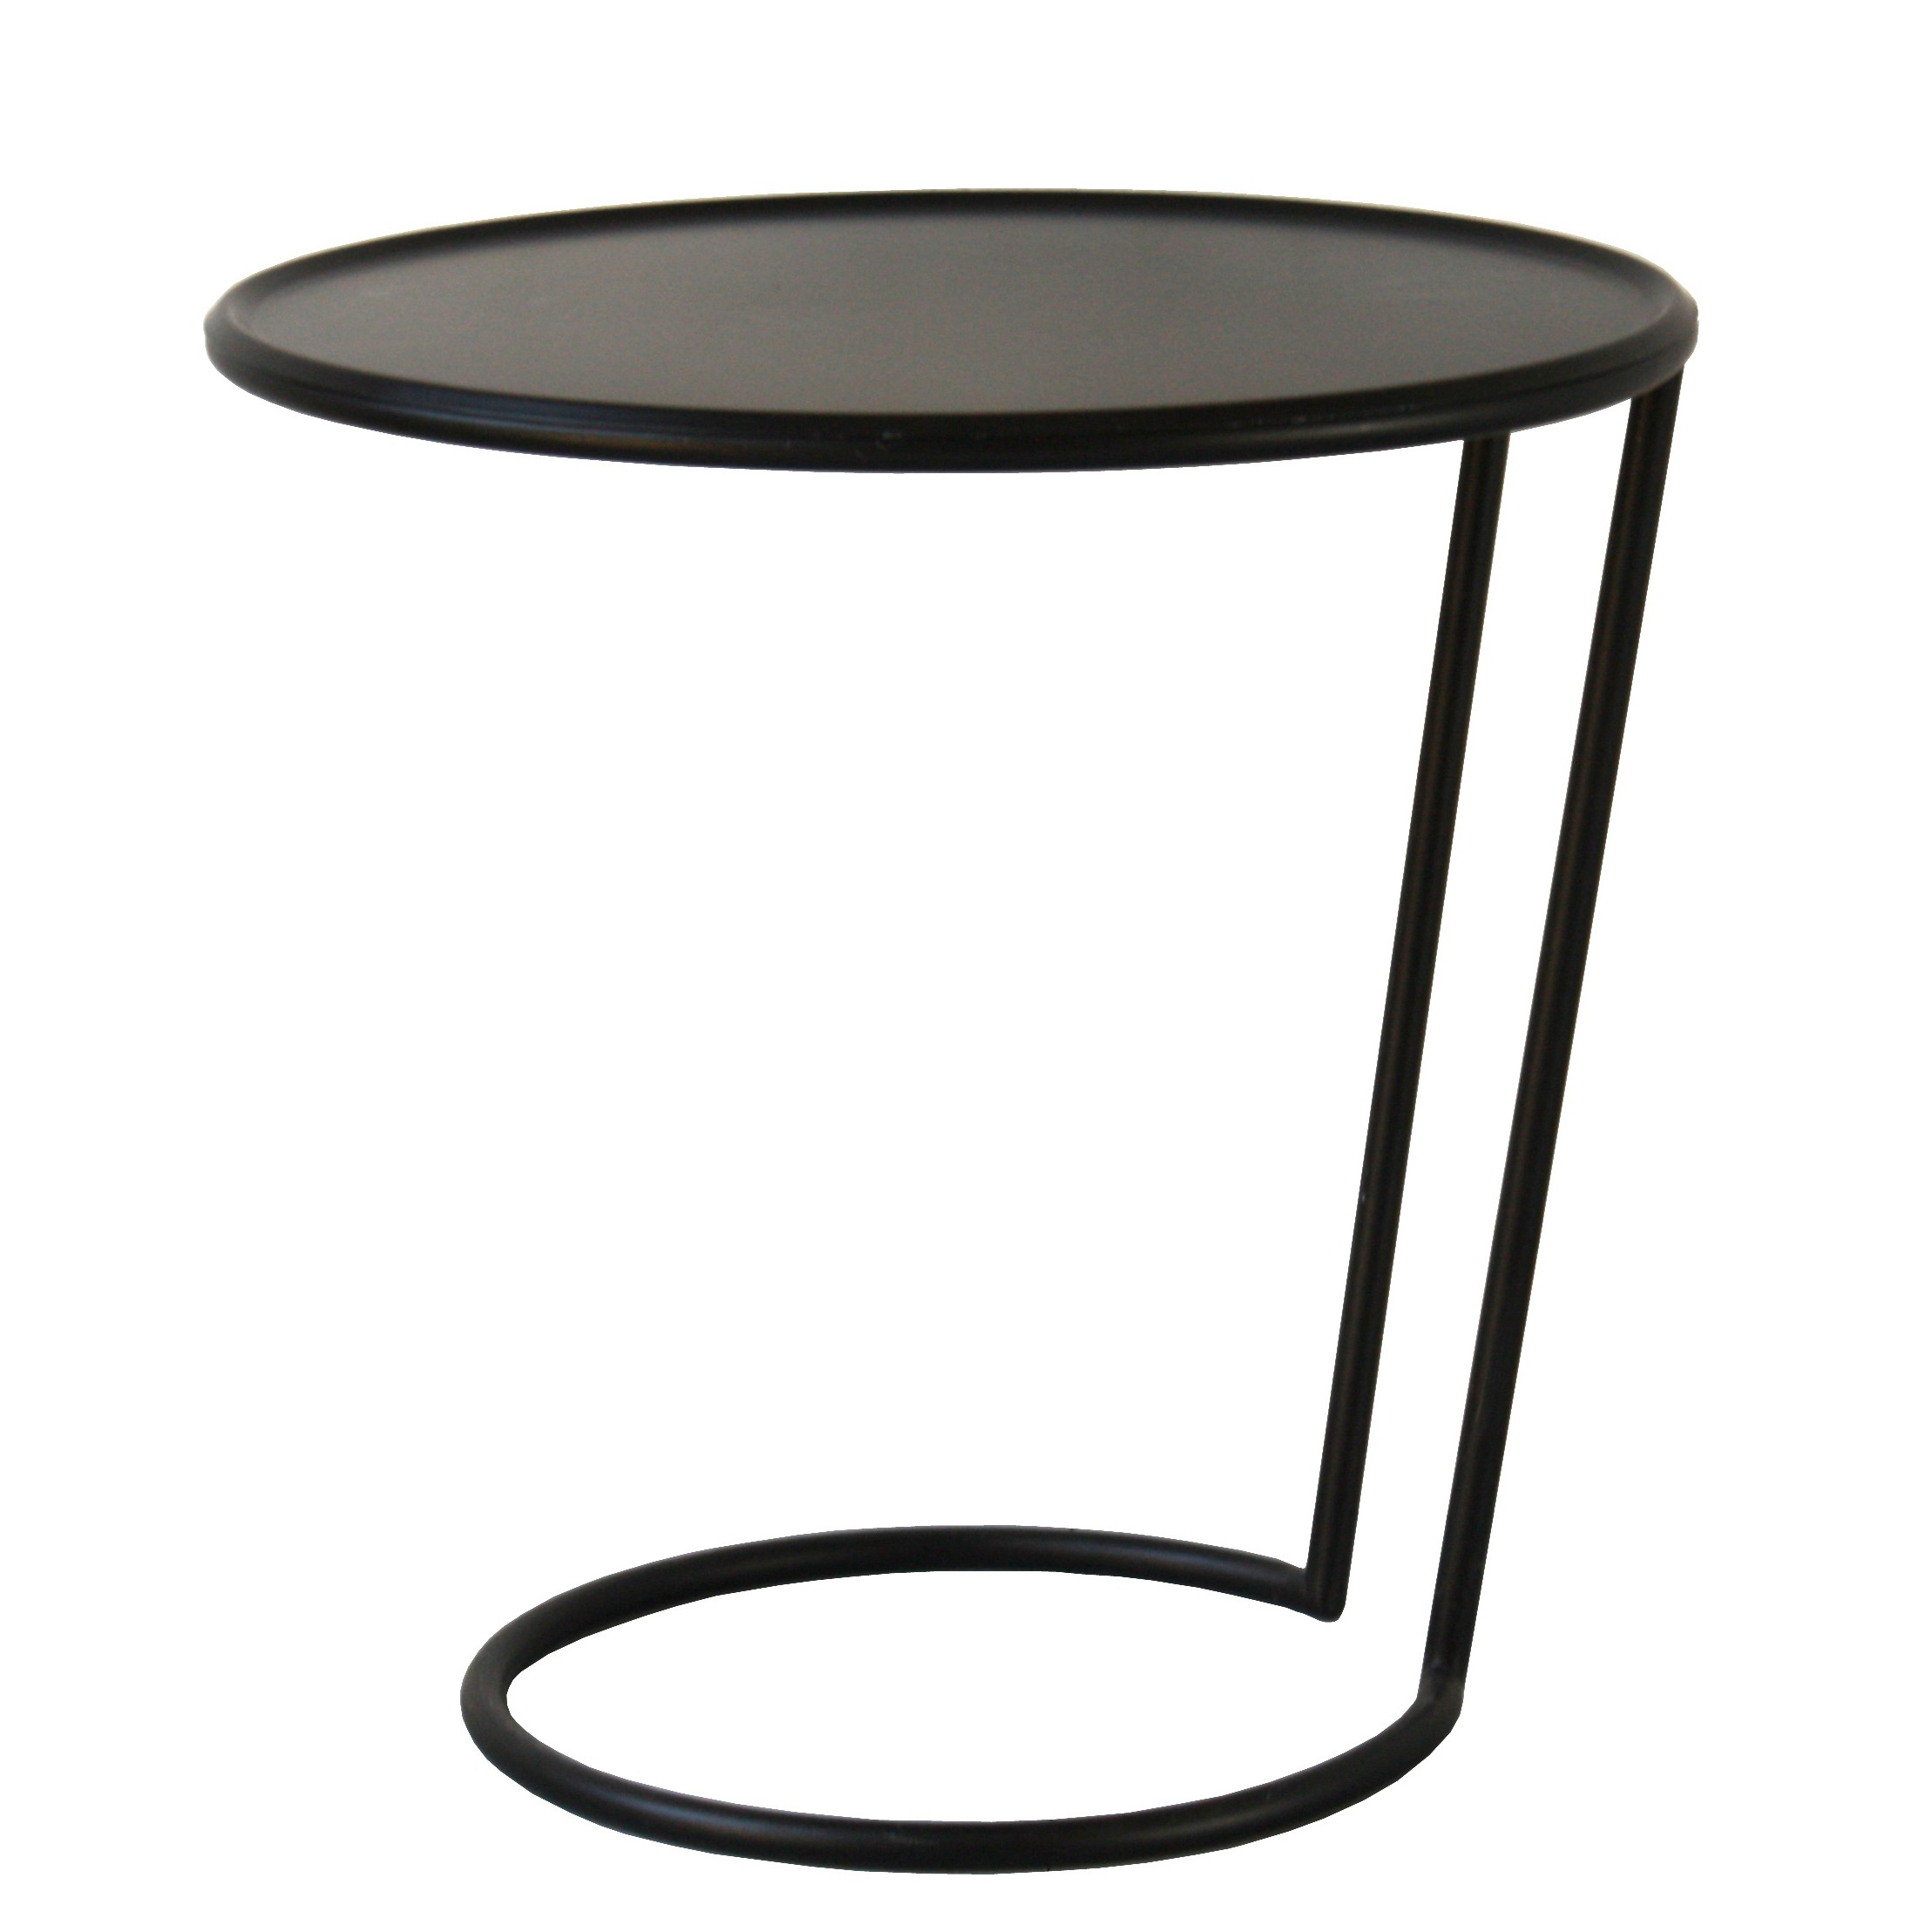 Fremragende Bakkeborde i pulverlakeret stål - we shop WF46